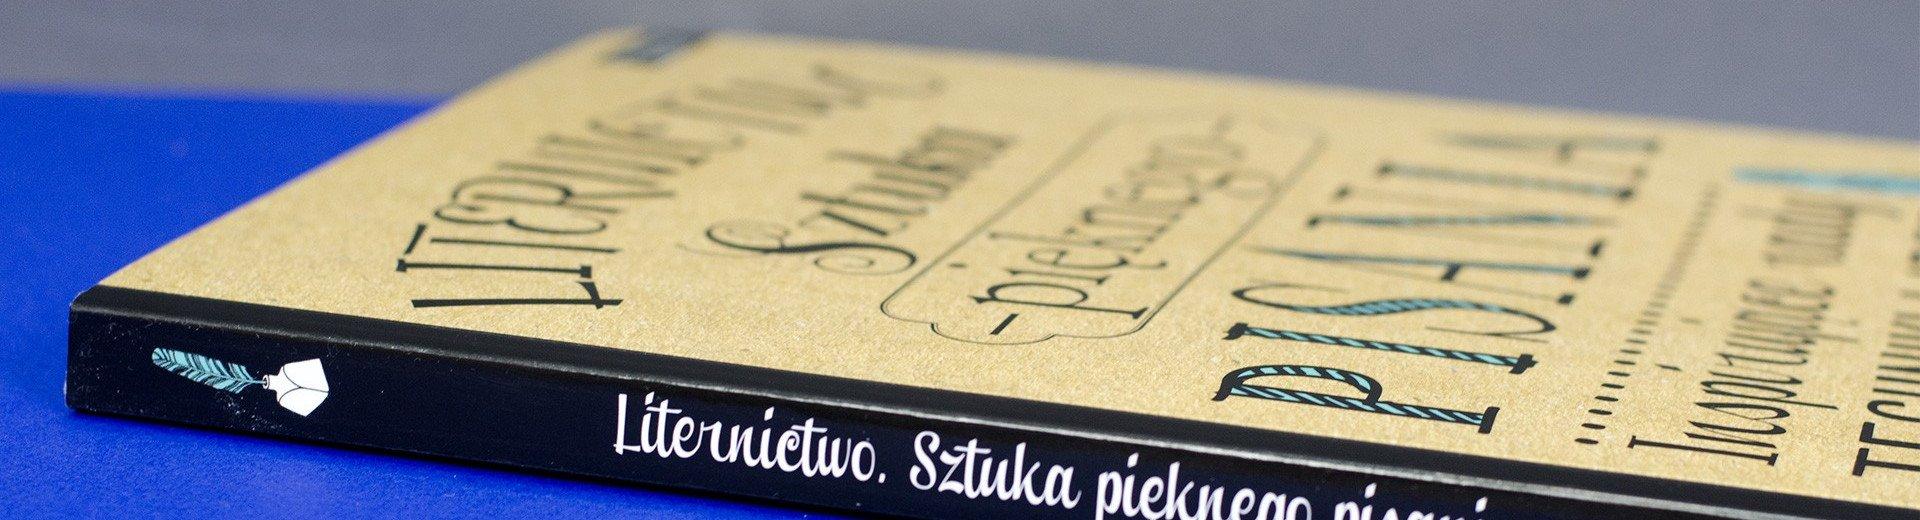 Okładka artykułu Liternictwo. Sztuka pięknego pisania — Recenzja książki G.J. Kirkendall, L. Lavender, J. Manwaring, S.L. Panczyszyn